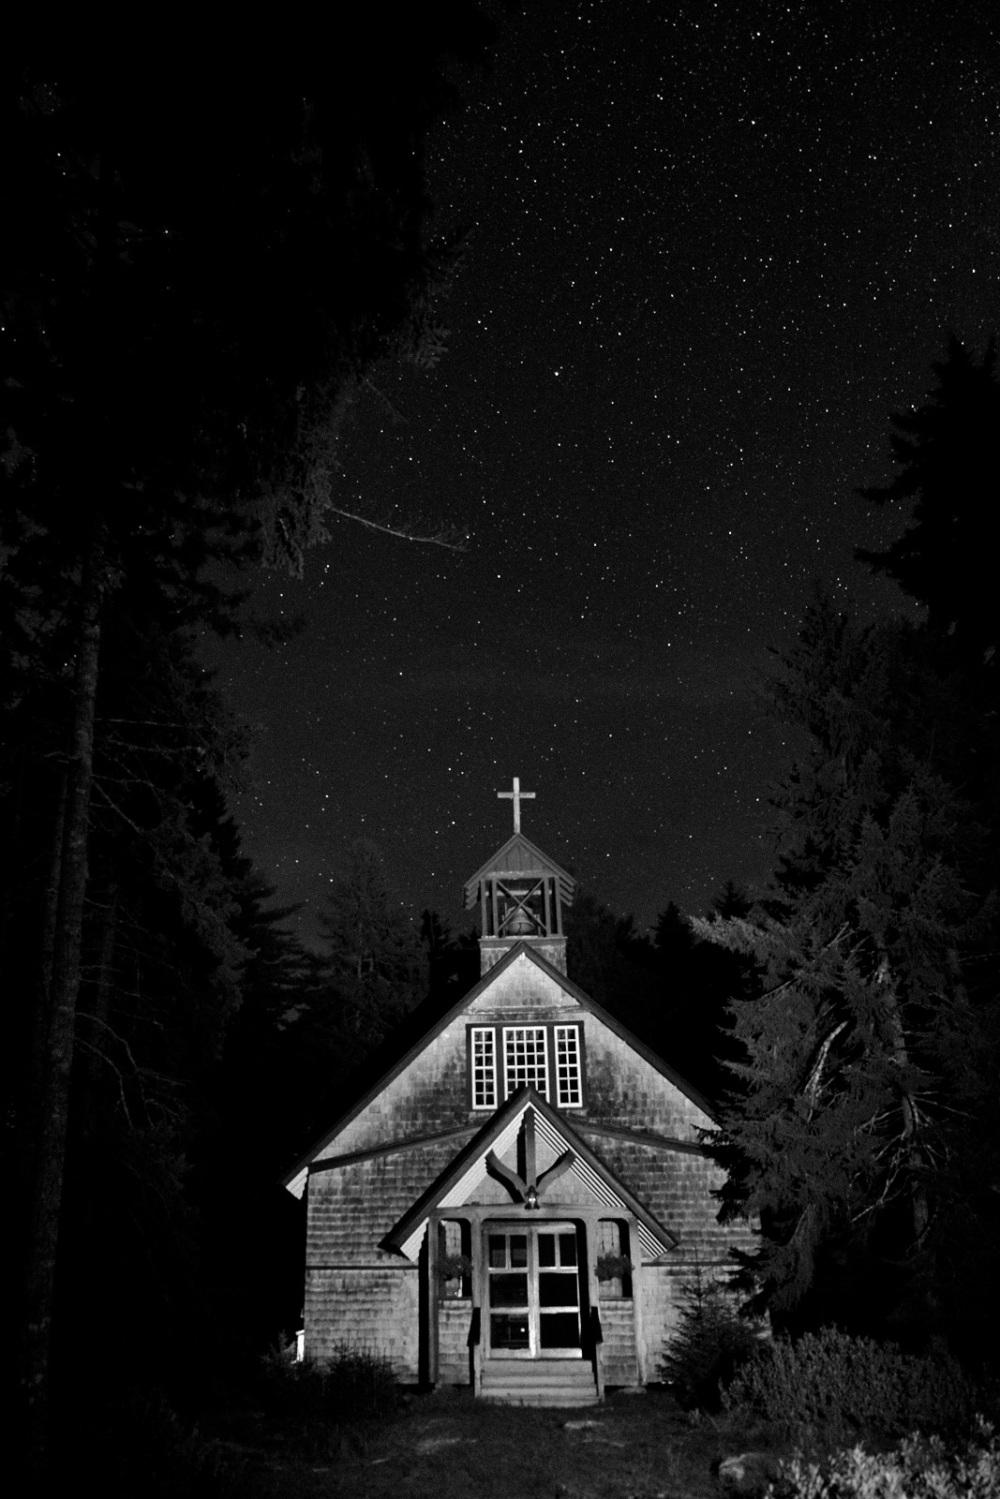 Chapel, MacMahan Island, ME